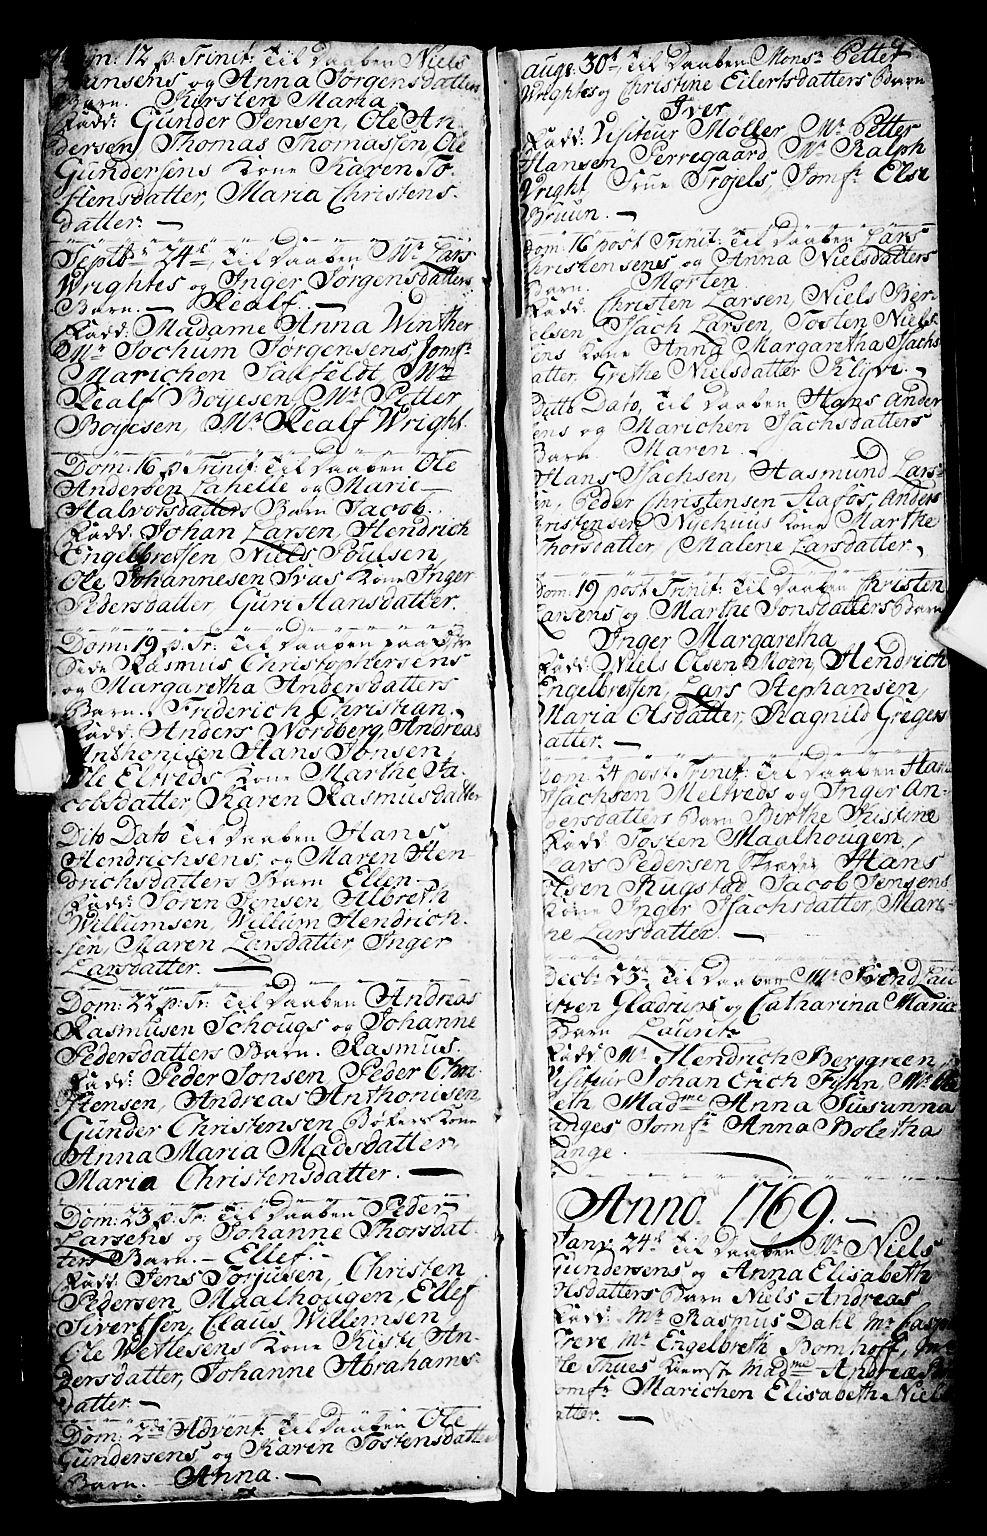 SAKO, Porsgrunn kirkebøker , G/Ga/L0001: Klokkerbok nr. I 1, 1766-1790, s. 8-9